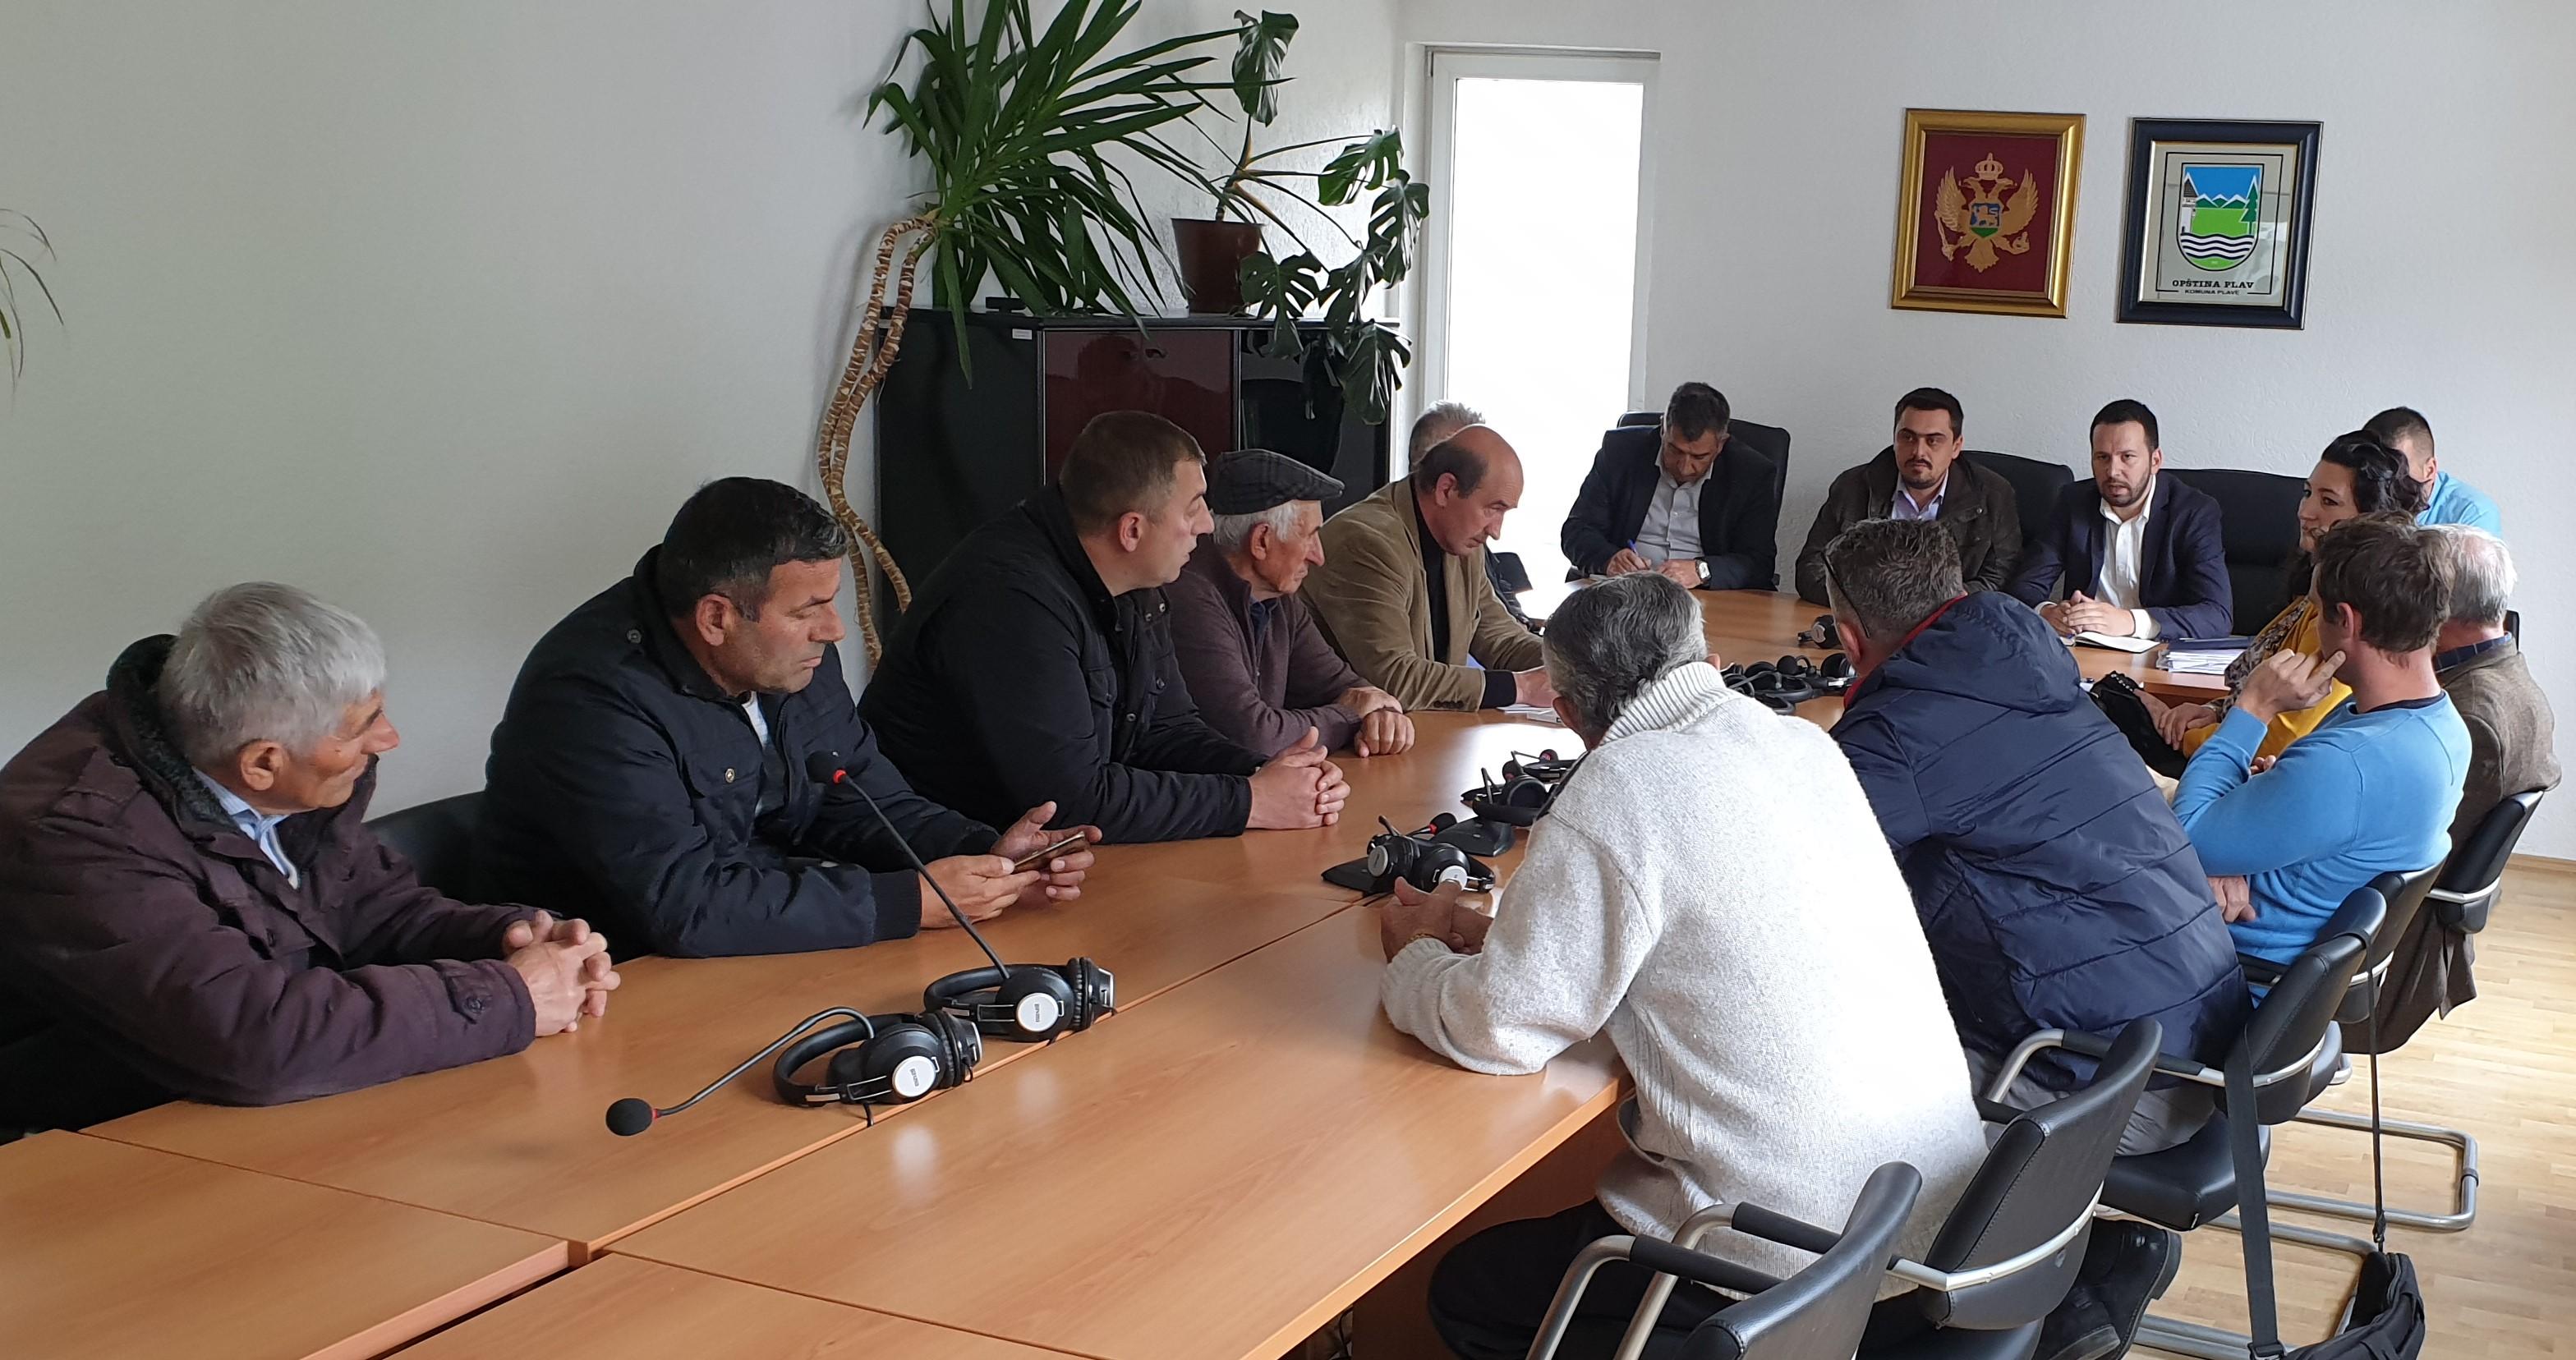 Održan sastanak povodom sanacije odlagališta otpada u Komarači